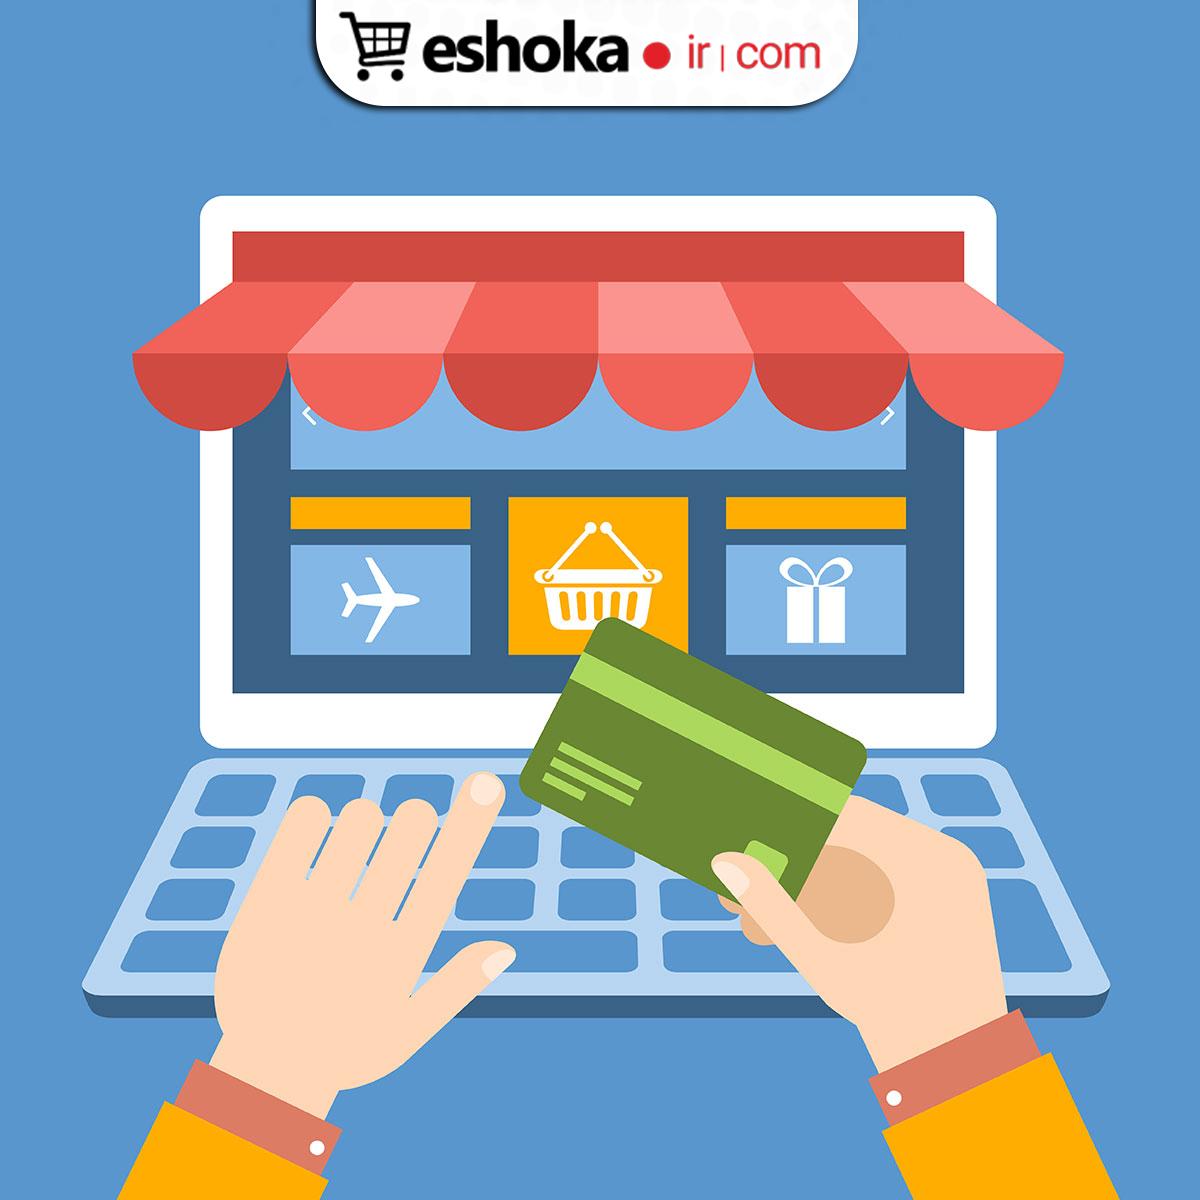 خرید آنلاین کالاها و محصولات را با امنیت انجام دهید